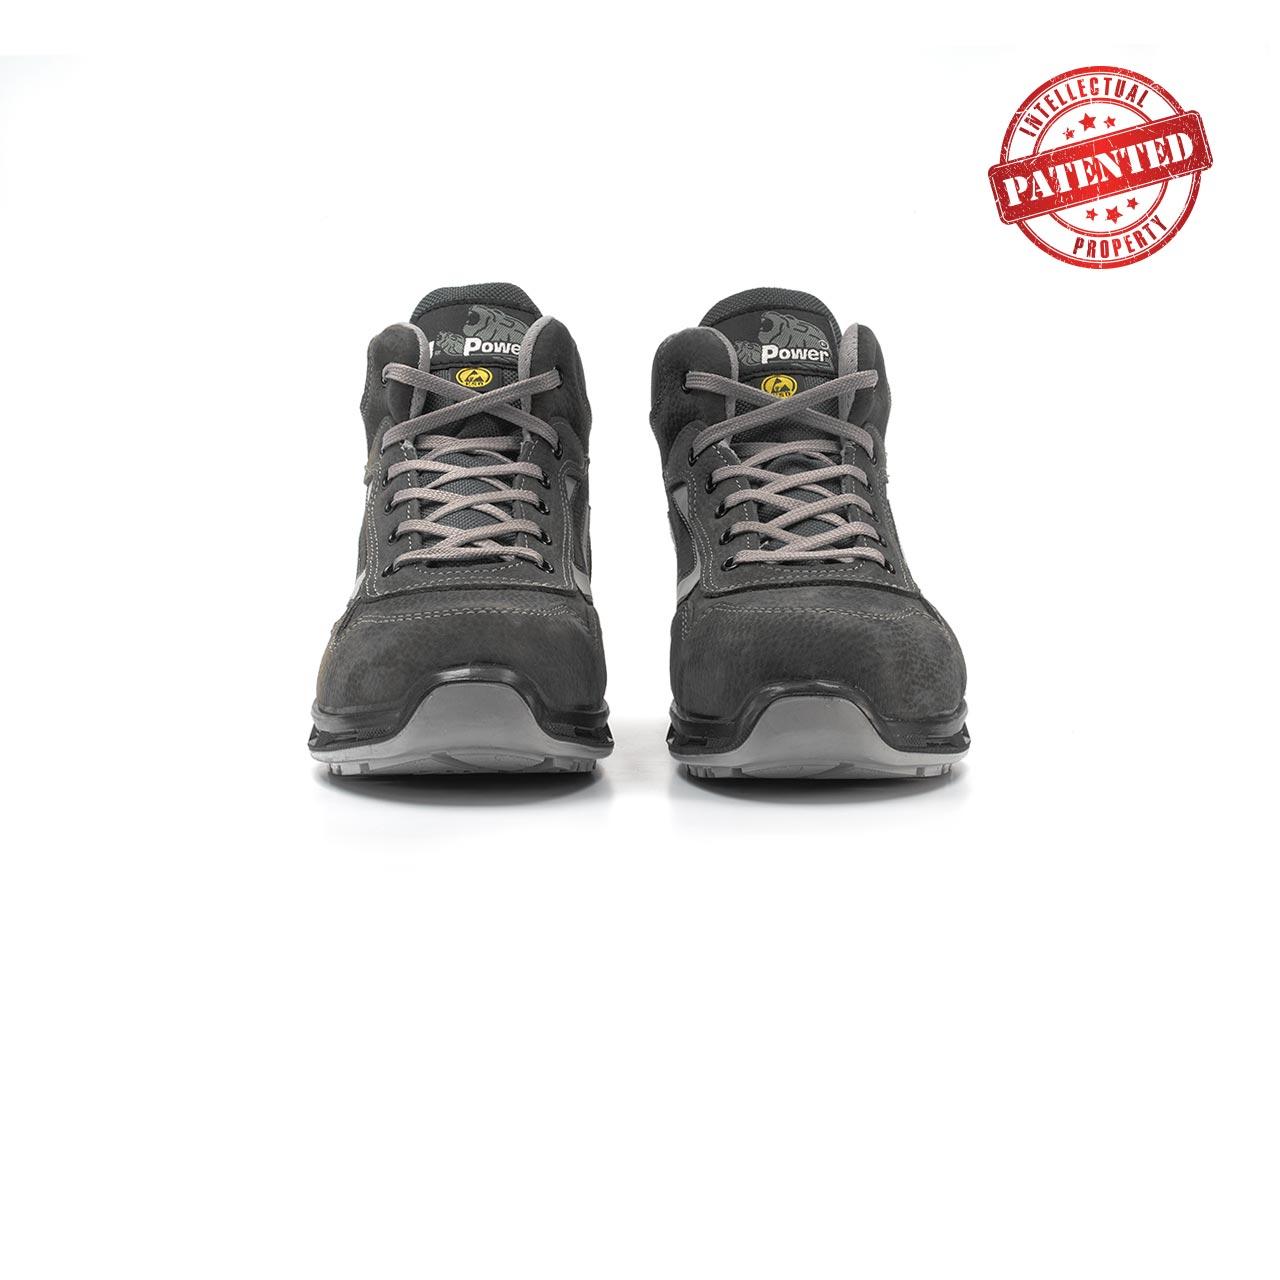 paio di scarpe antinfortunistiche alte upower modello infinity linea redlion vista frontale